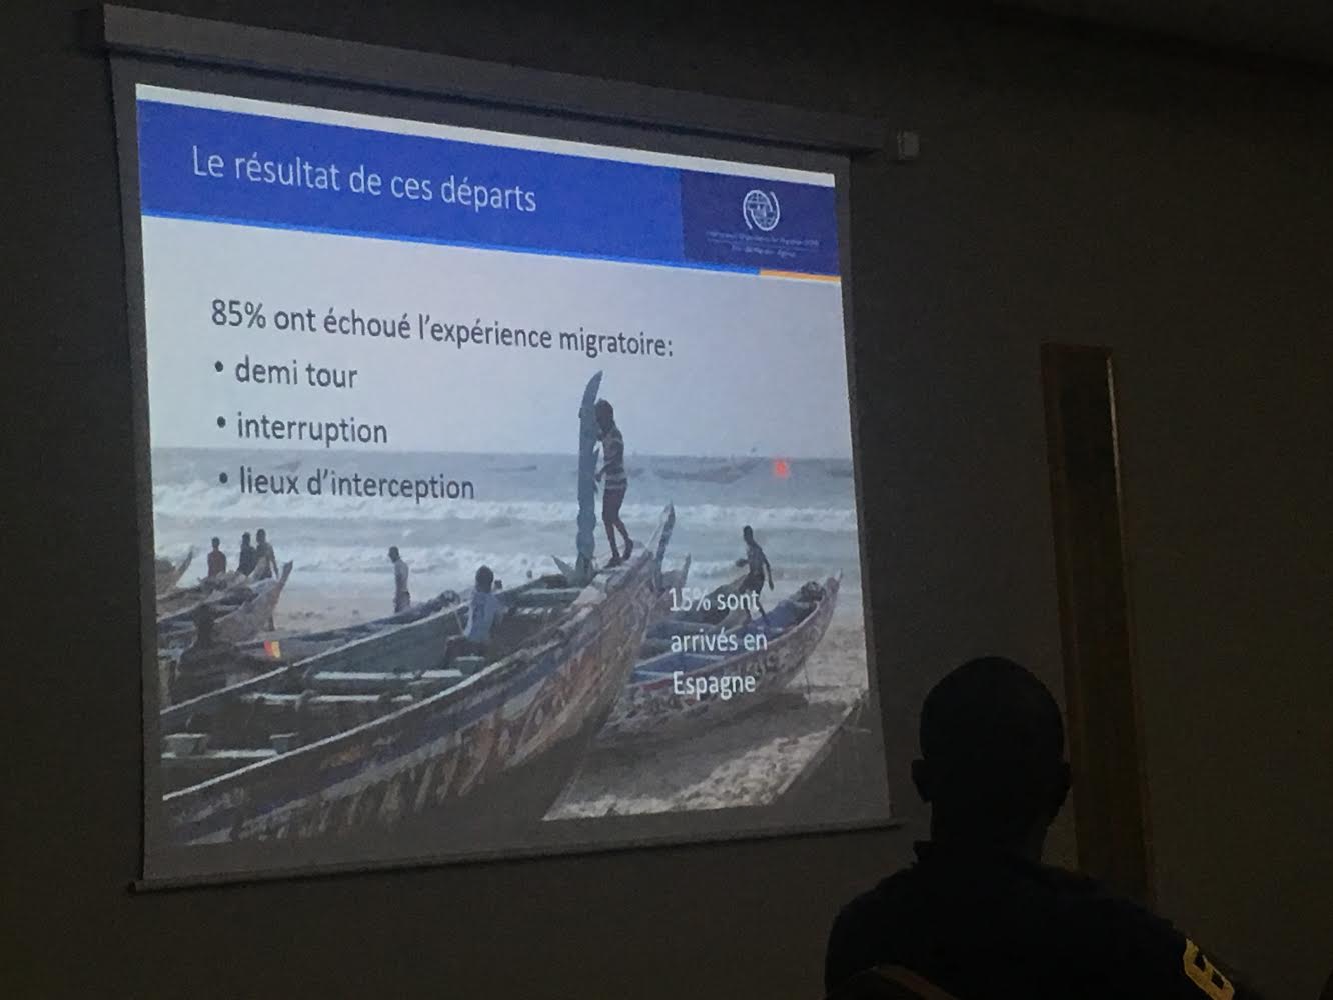 Migrations irrégulières au Sénégal : 85% des migrants qui ont tenté l'expérience ont échoué (étude de l'OIM)